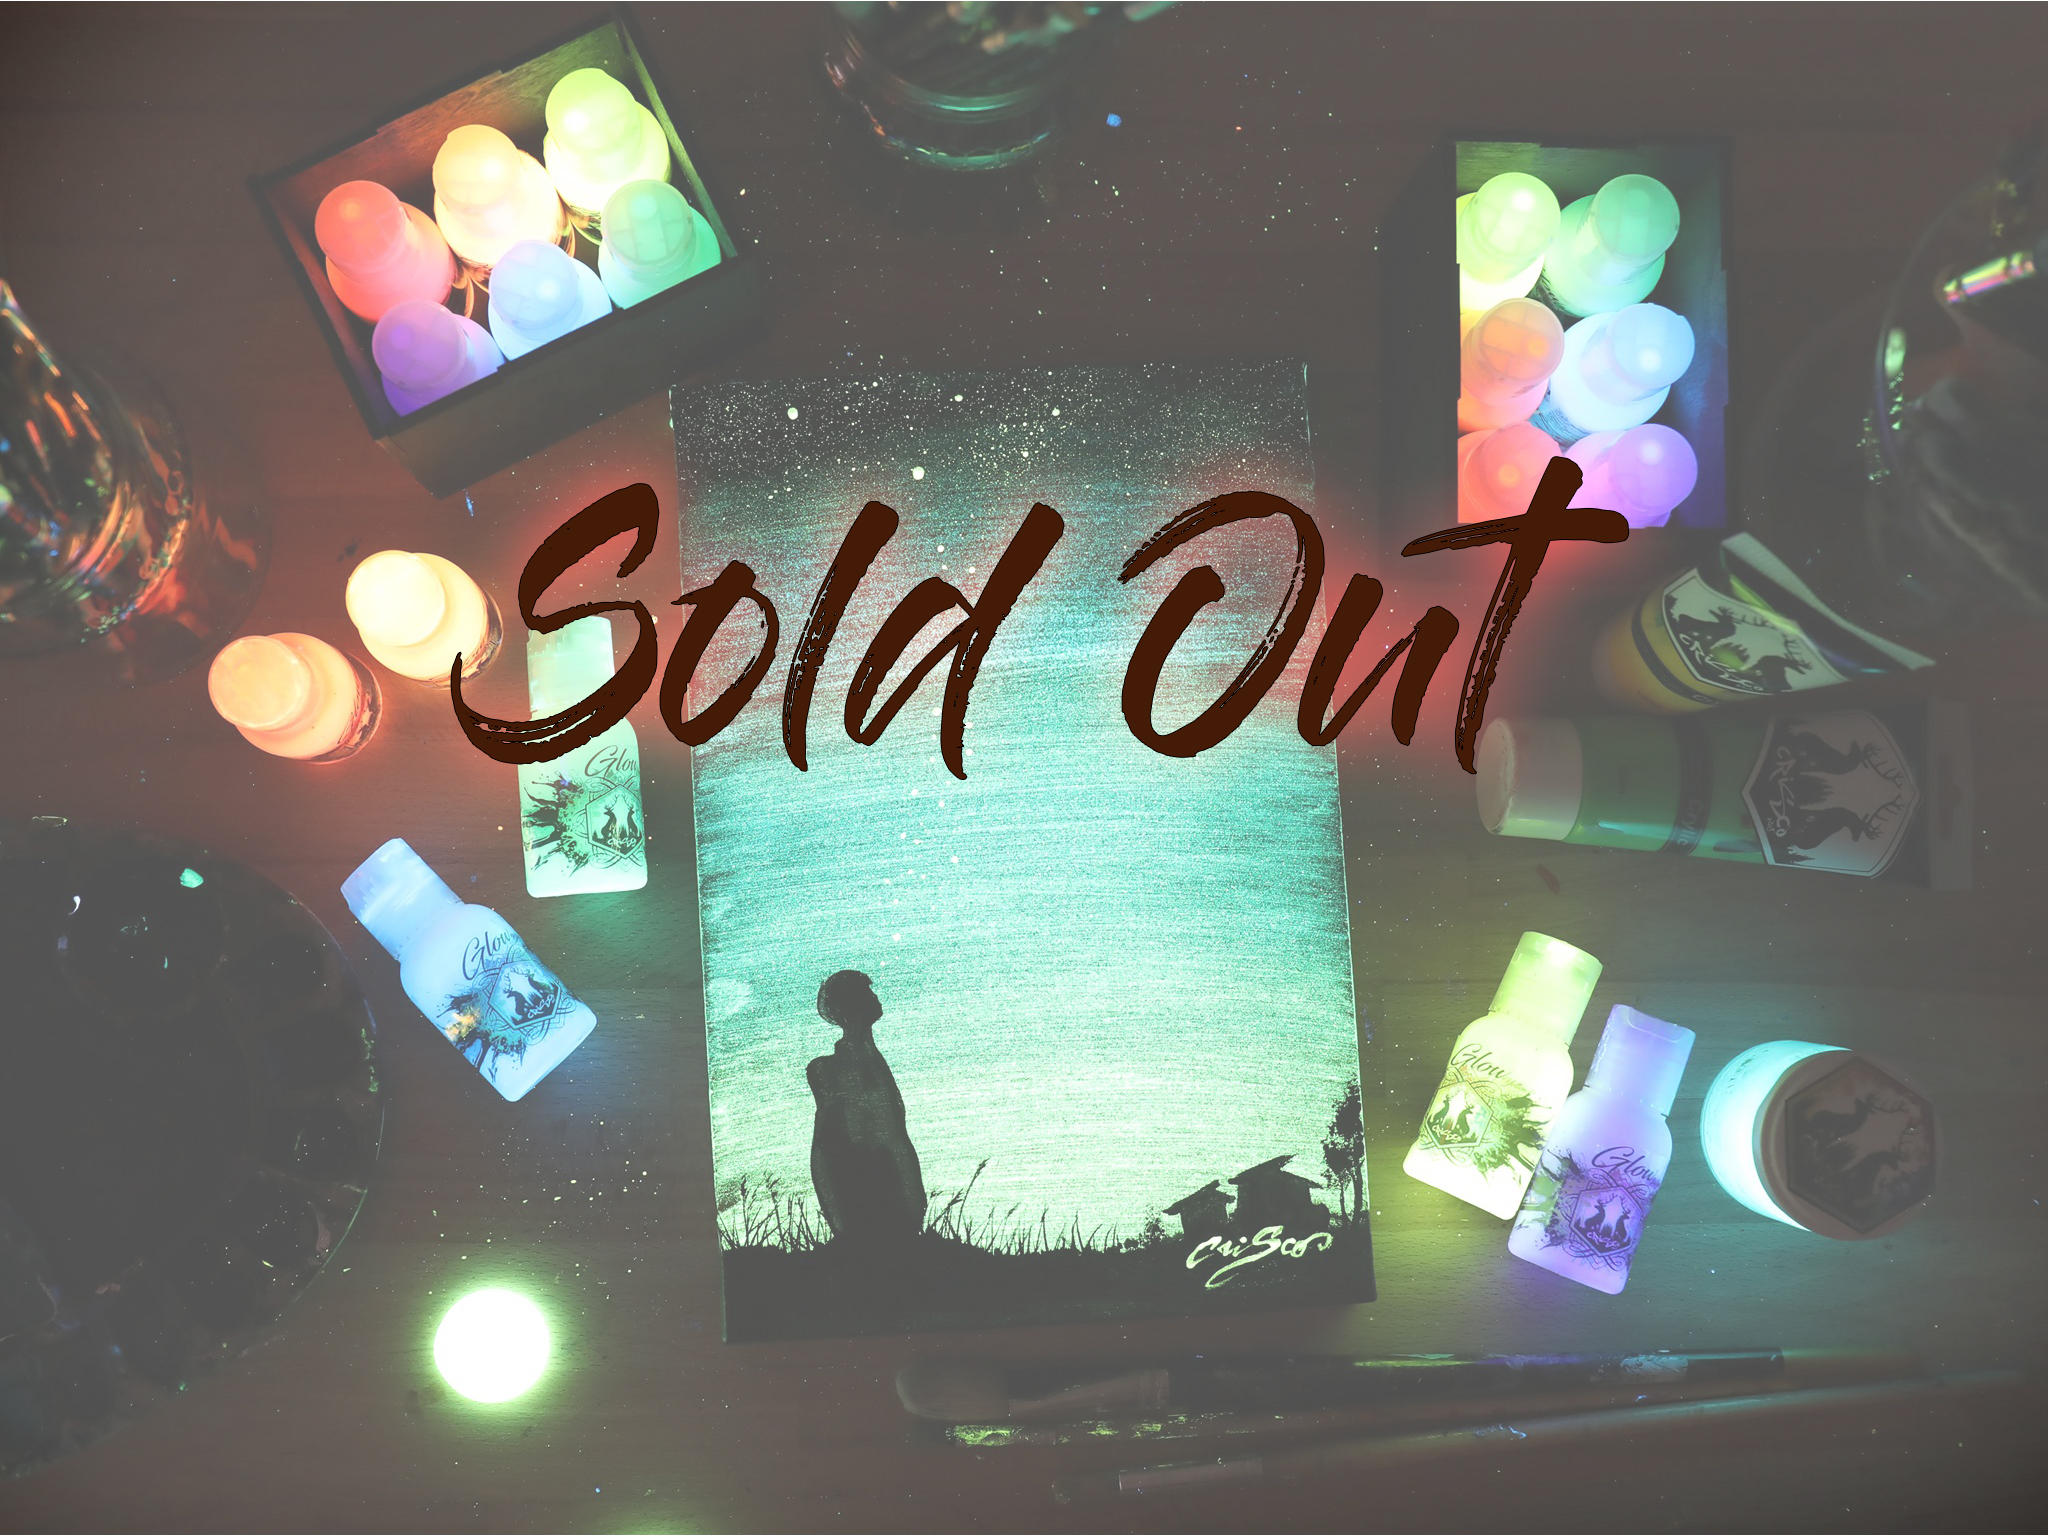 sold out filexxxxxx